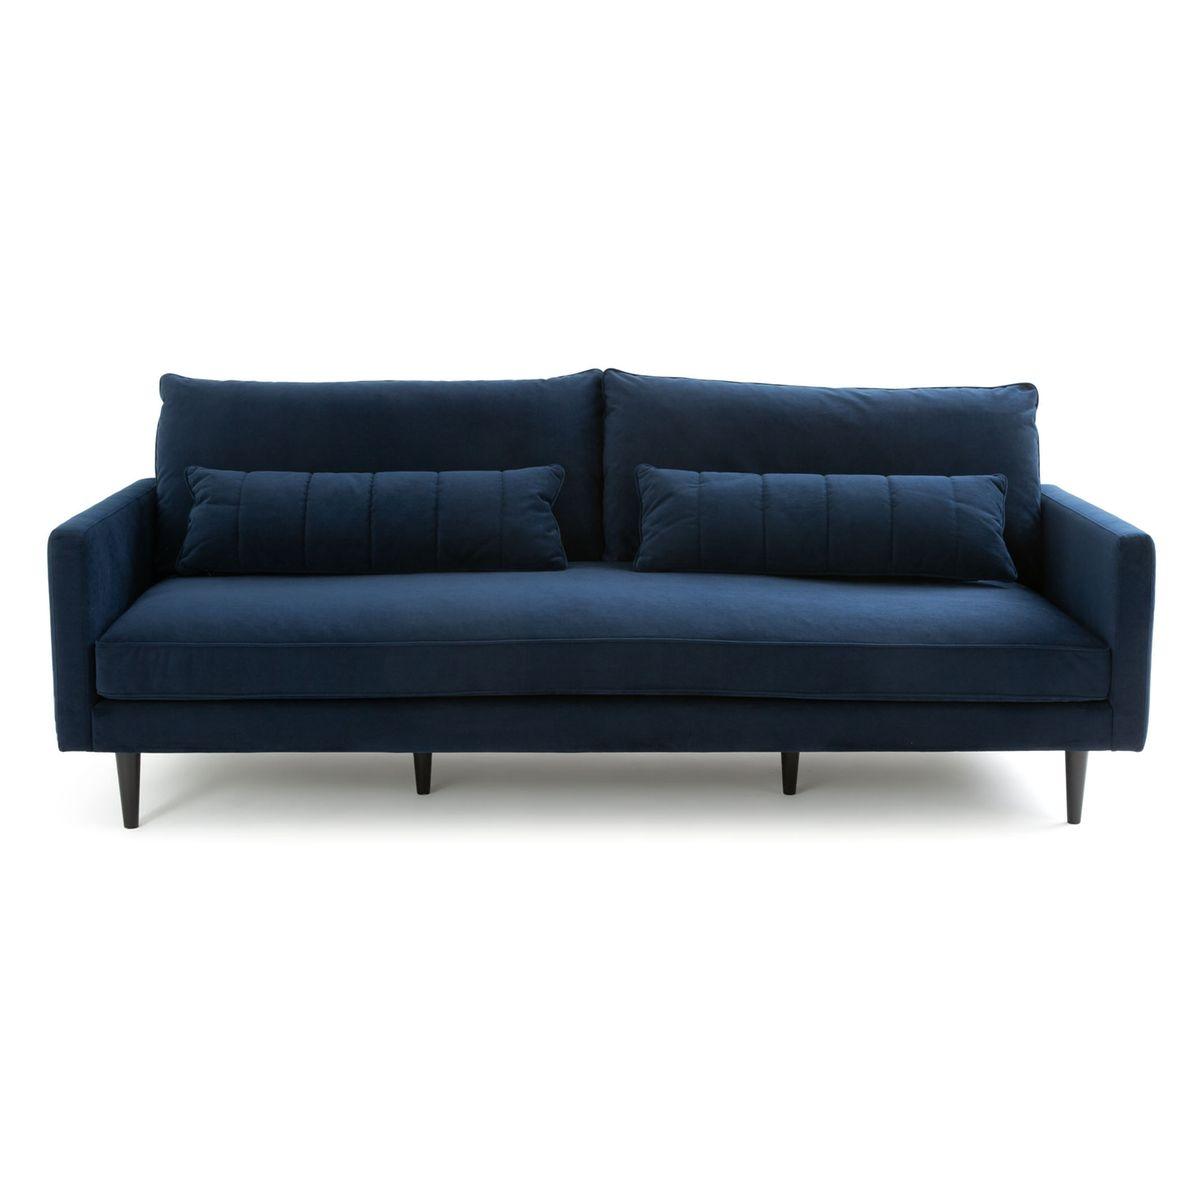 Le canapé fixe 4 ou 5 places , Madrion